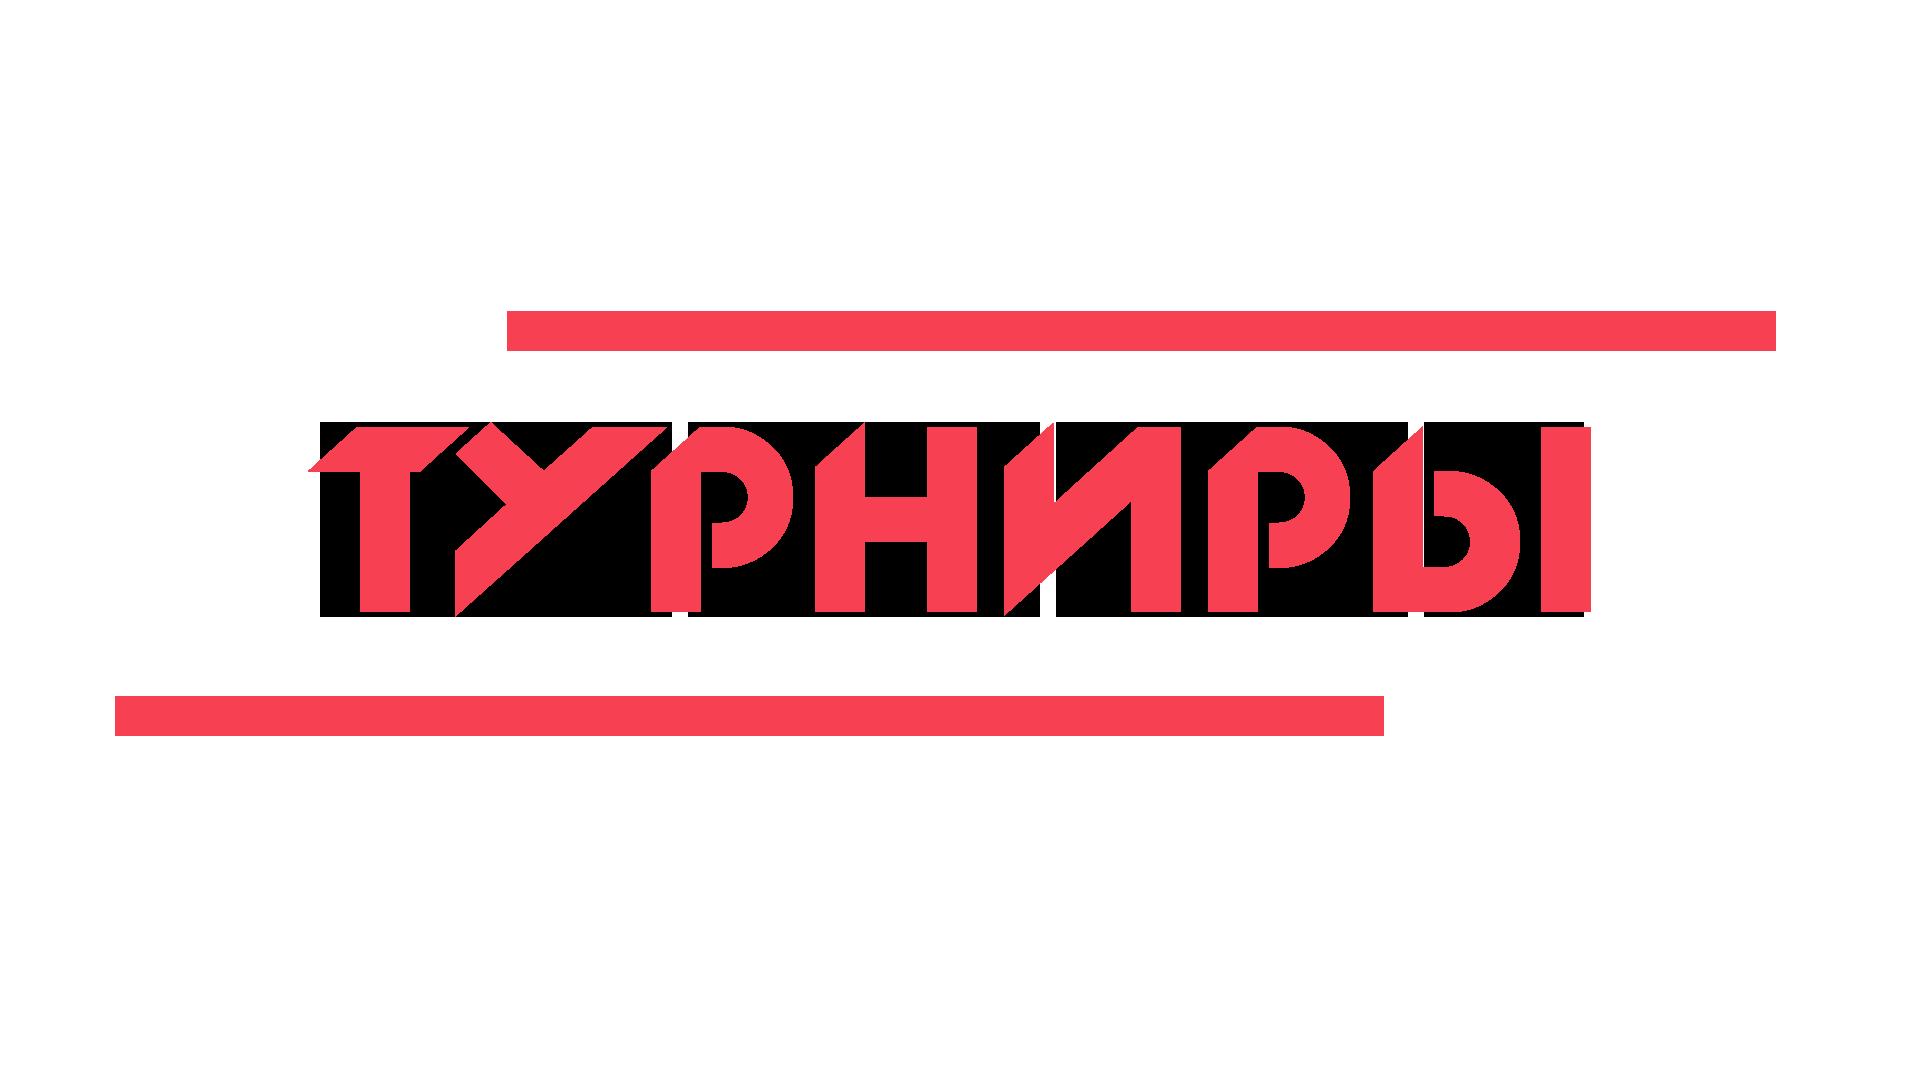 Komputernii klub medvedkovo